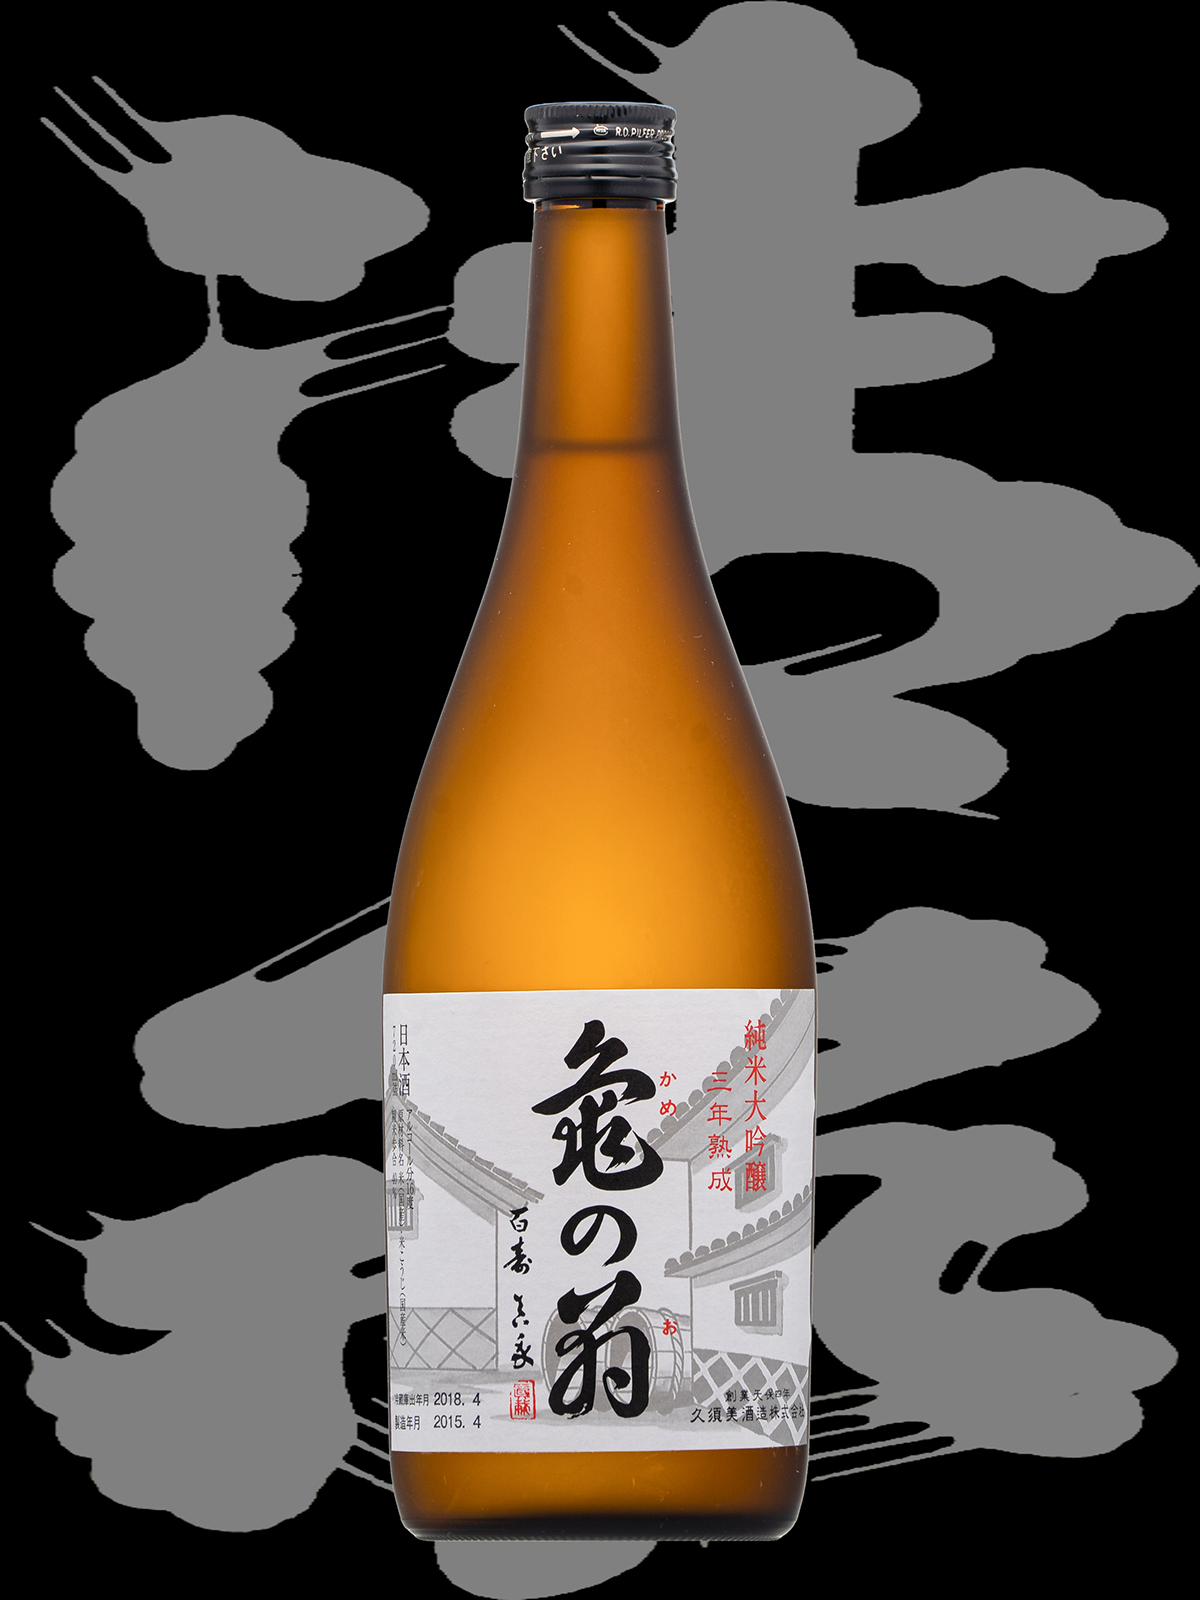 亀の翁(かめのお)「純米大吟醸」三年熟成